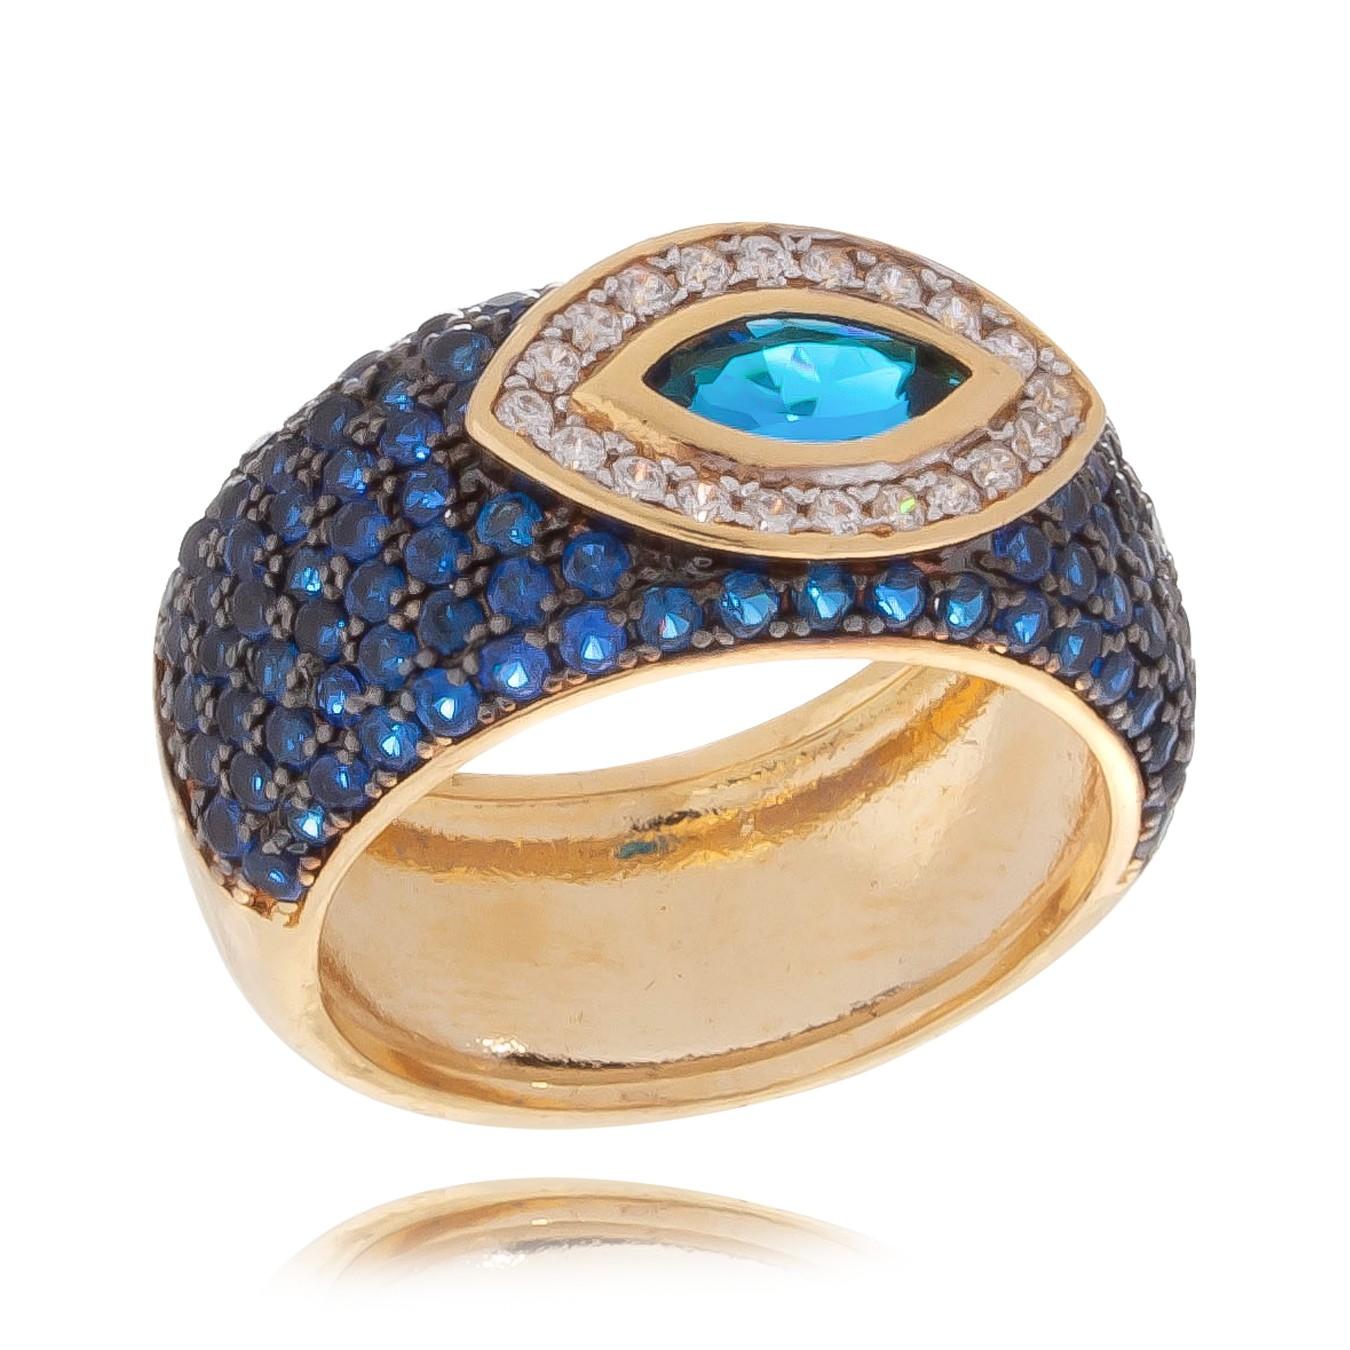 Anel Olho Grego com Pedras Zircônias Folheado em Ouro 18k